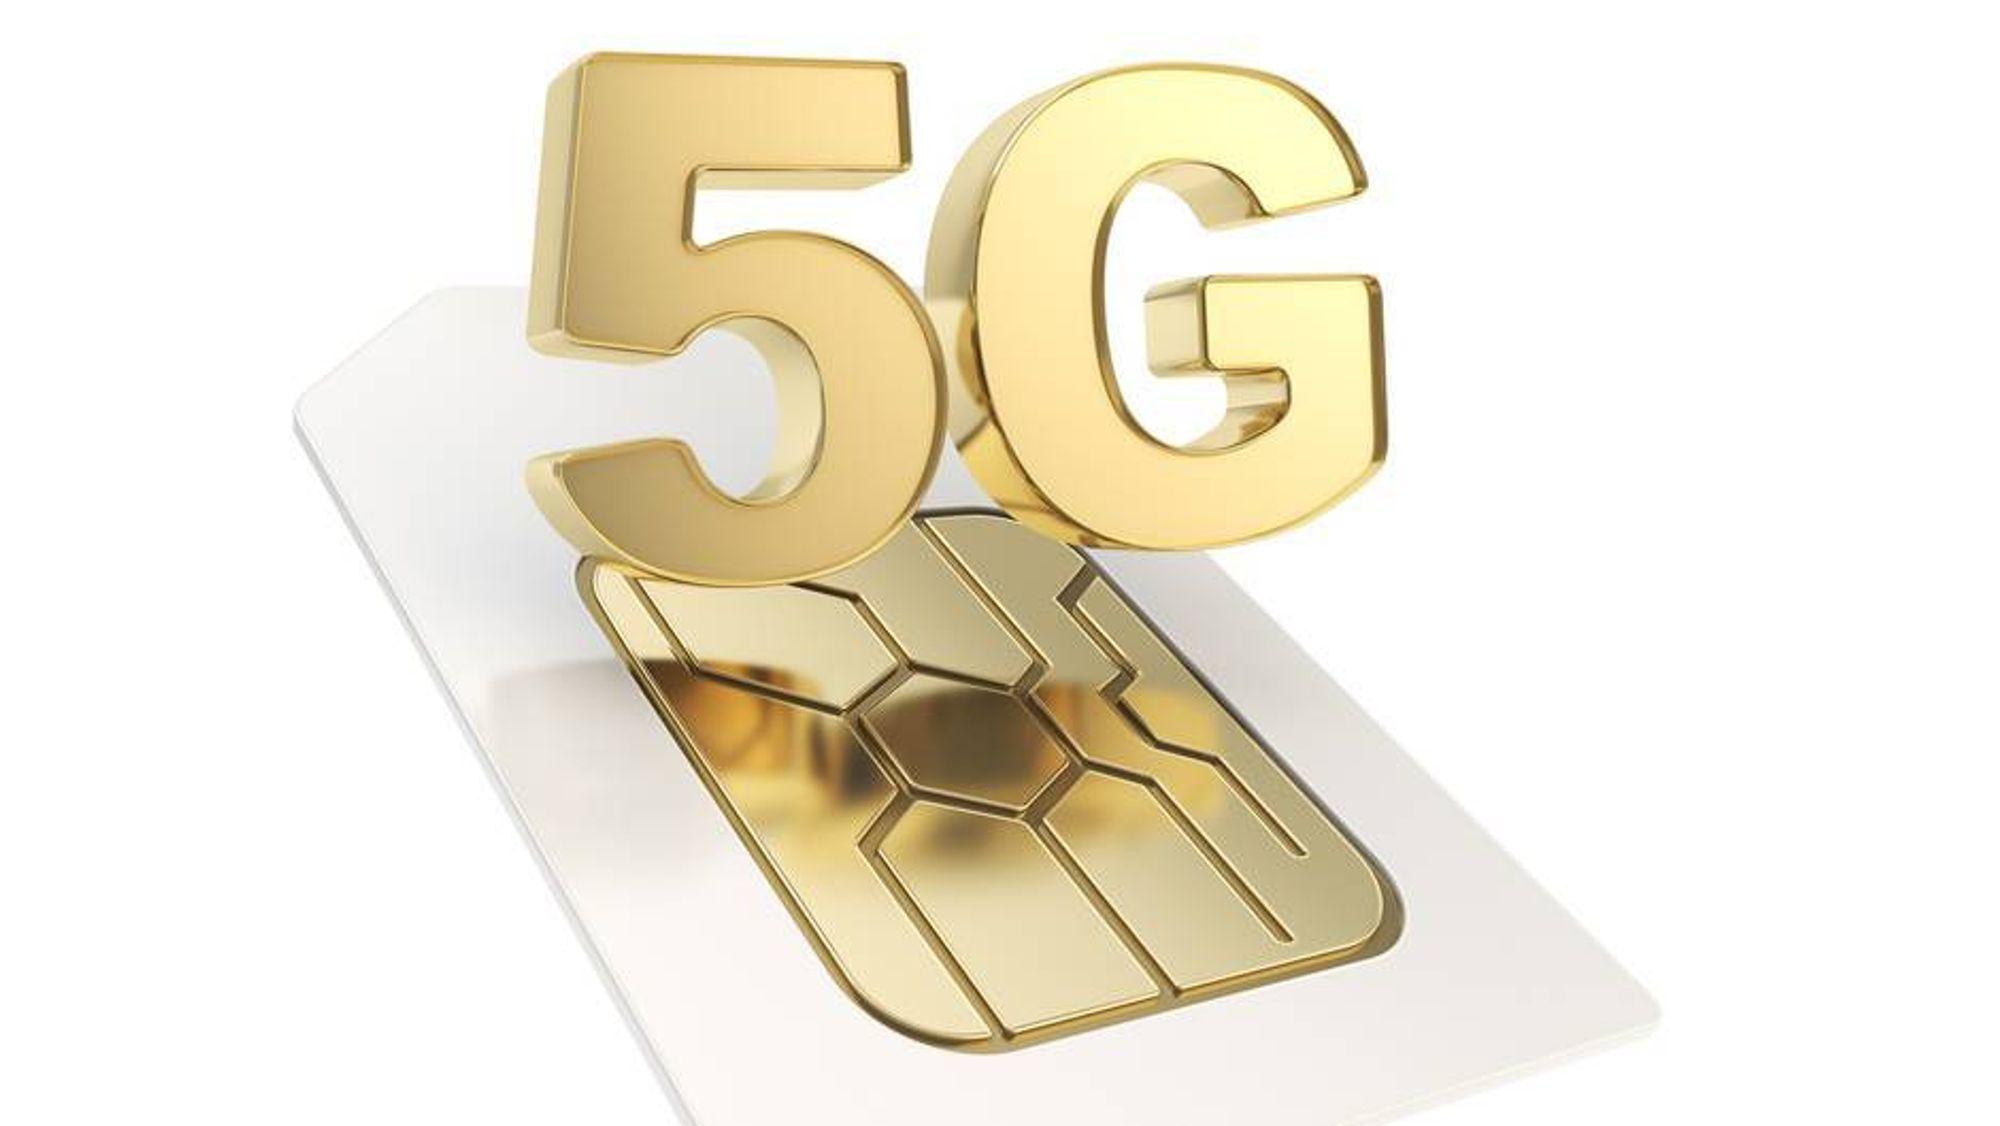 5G skal bli flere hundre ganger raskere enn 4G